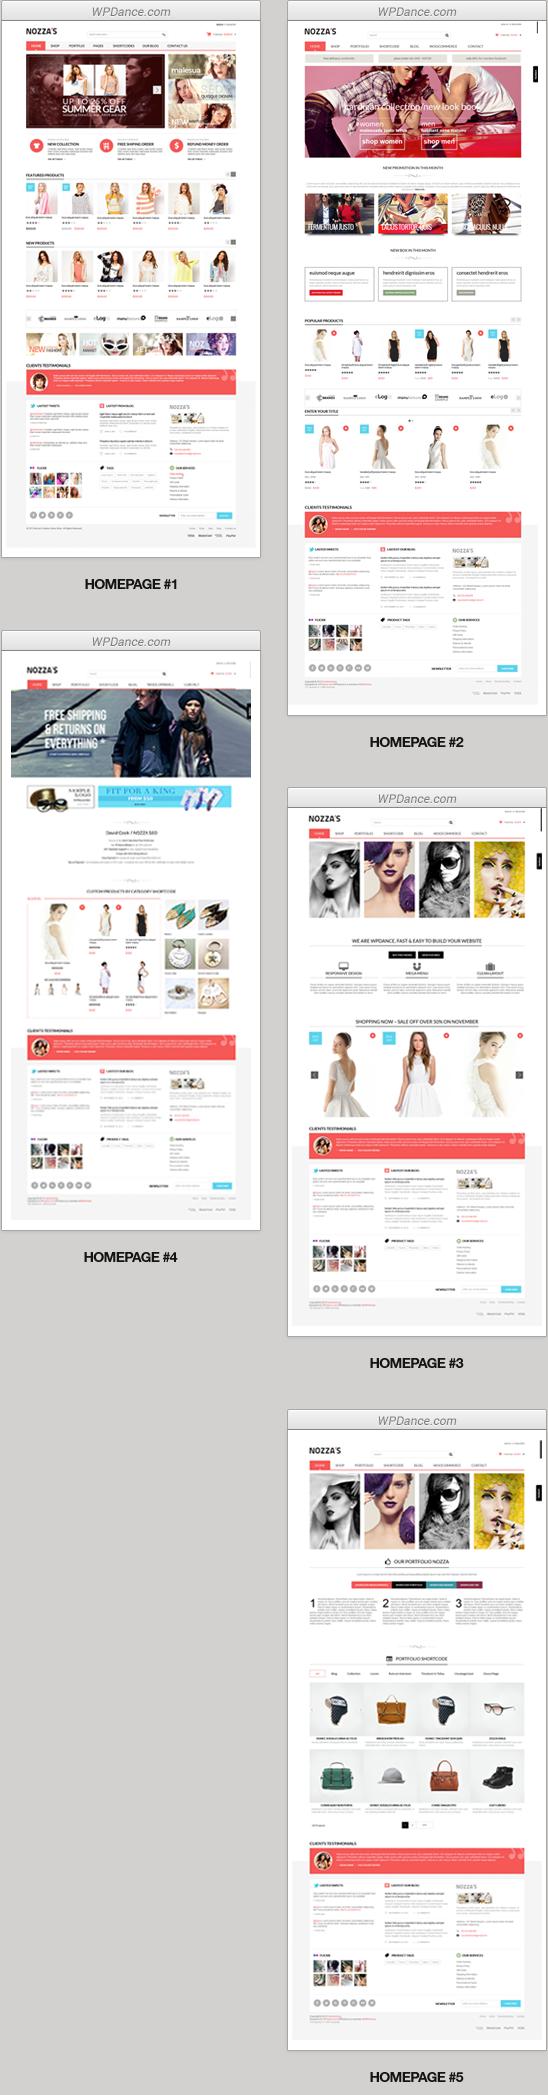 Vordefinierte Seitenlayouts (inklusive 5 Homepage